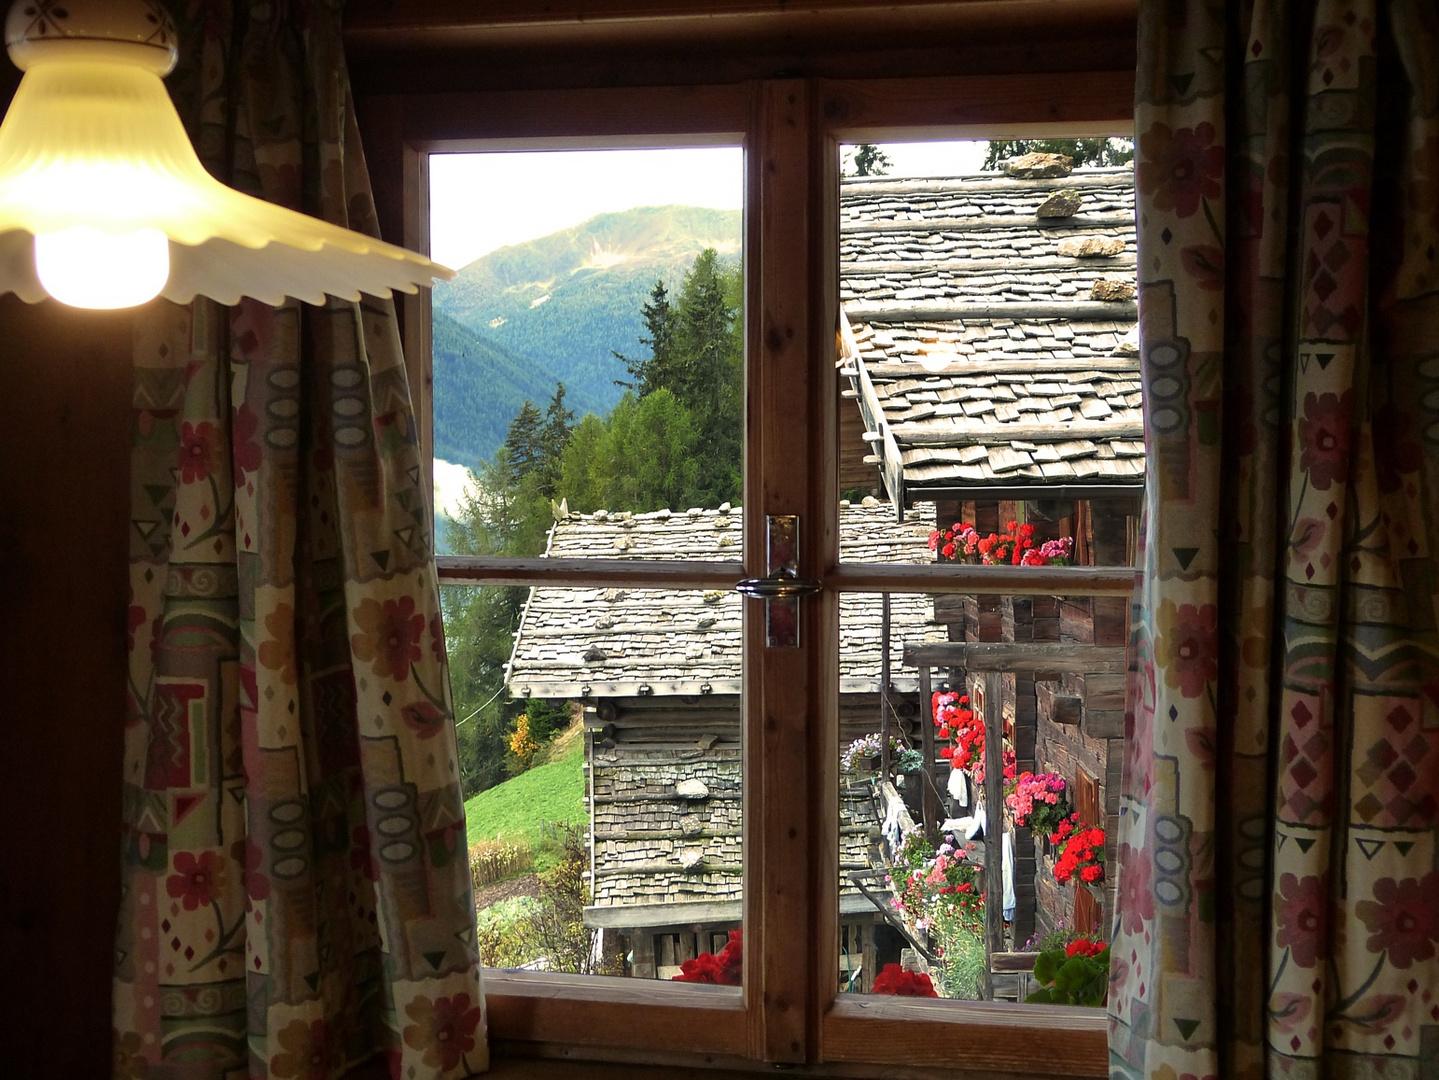 Bergbauernhof im Ultental bei Meran, Südtirol.